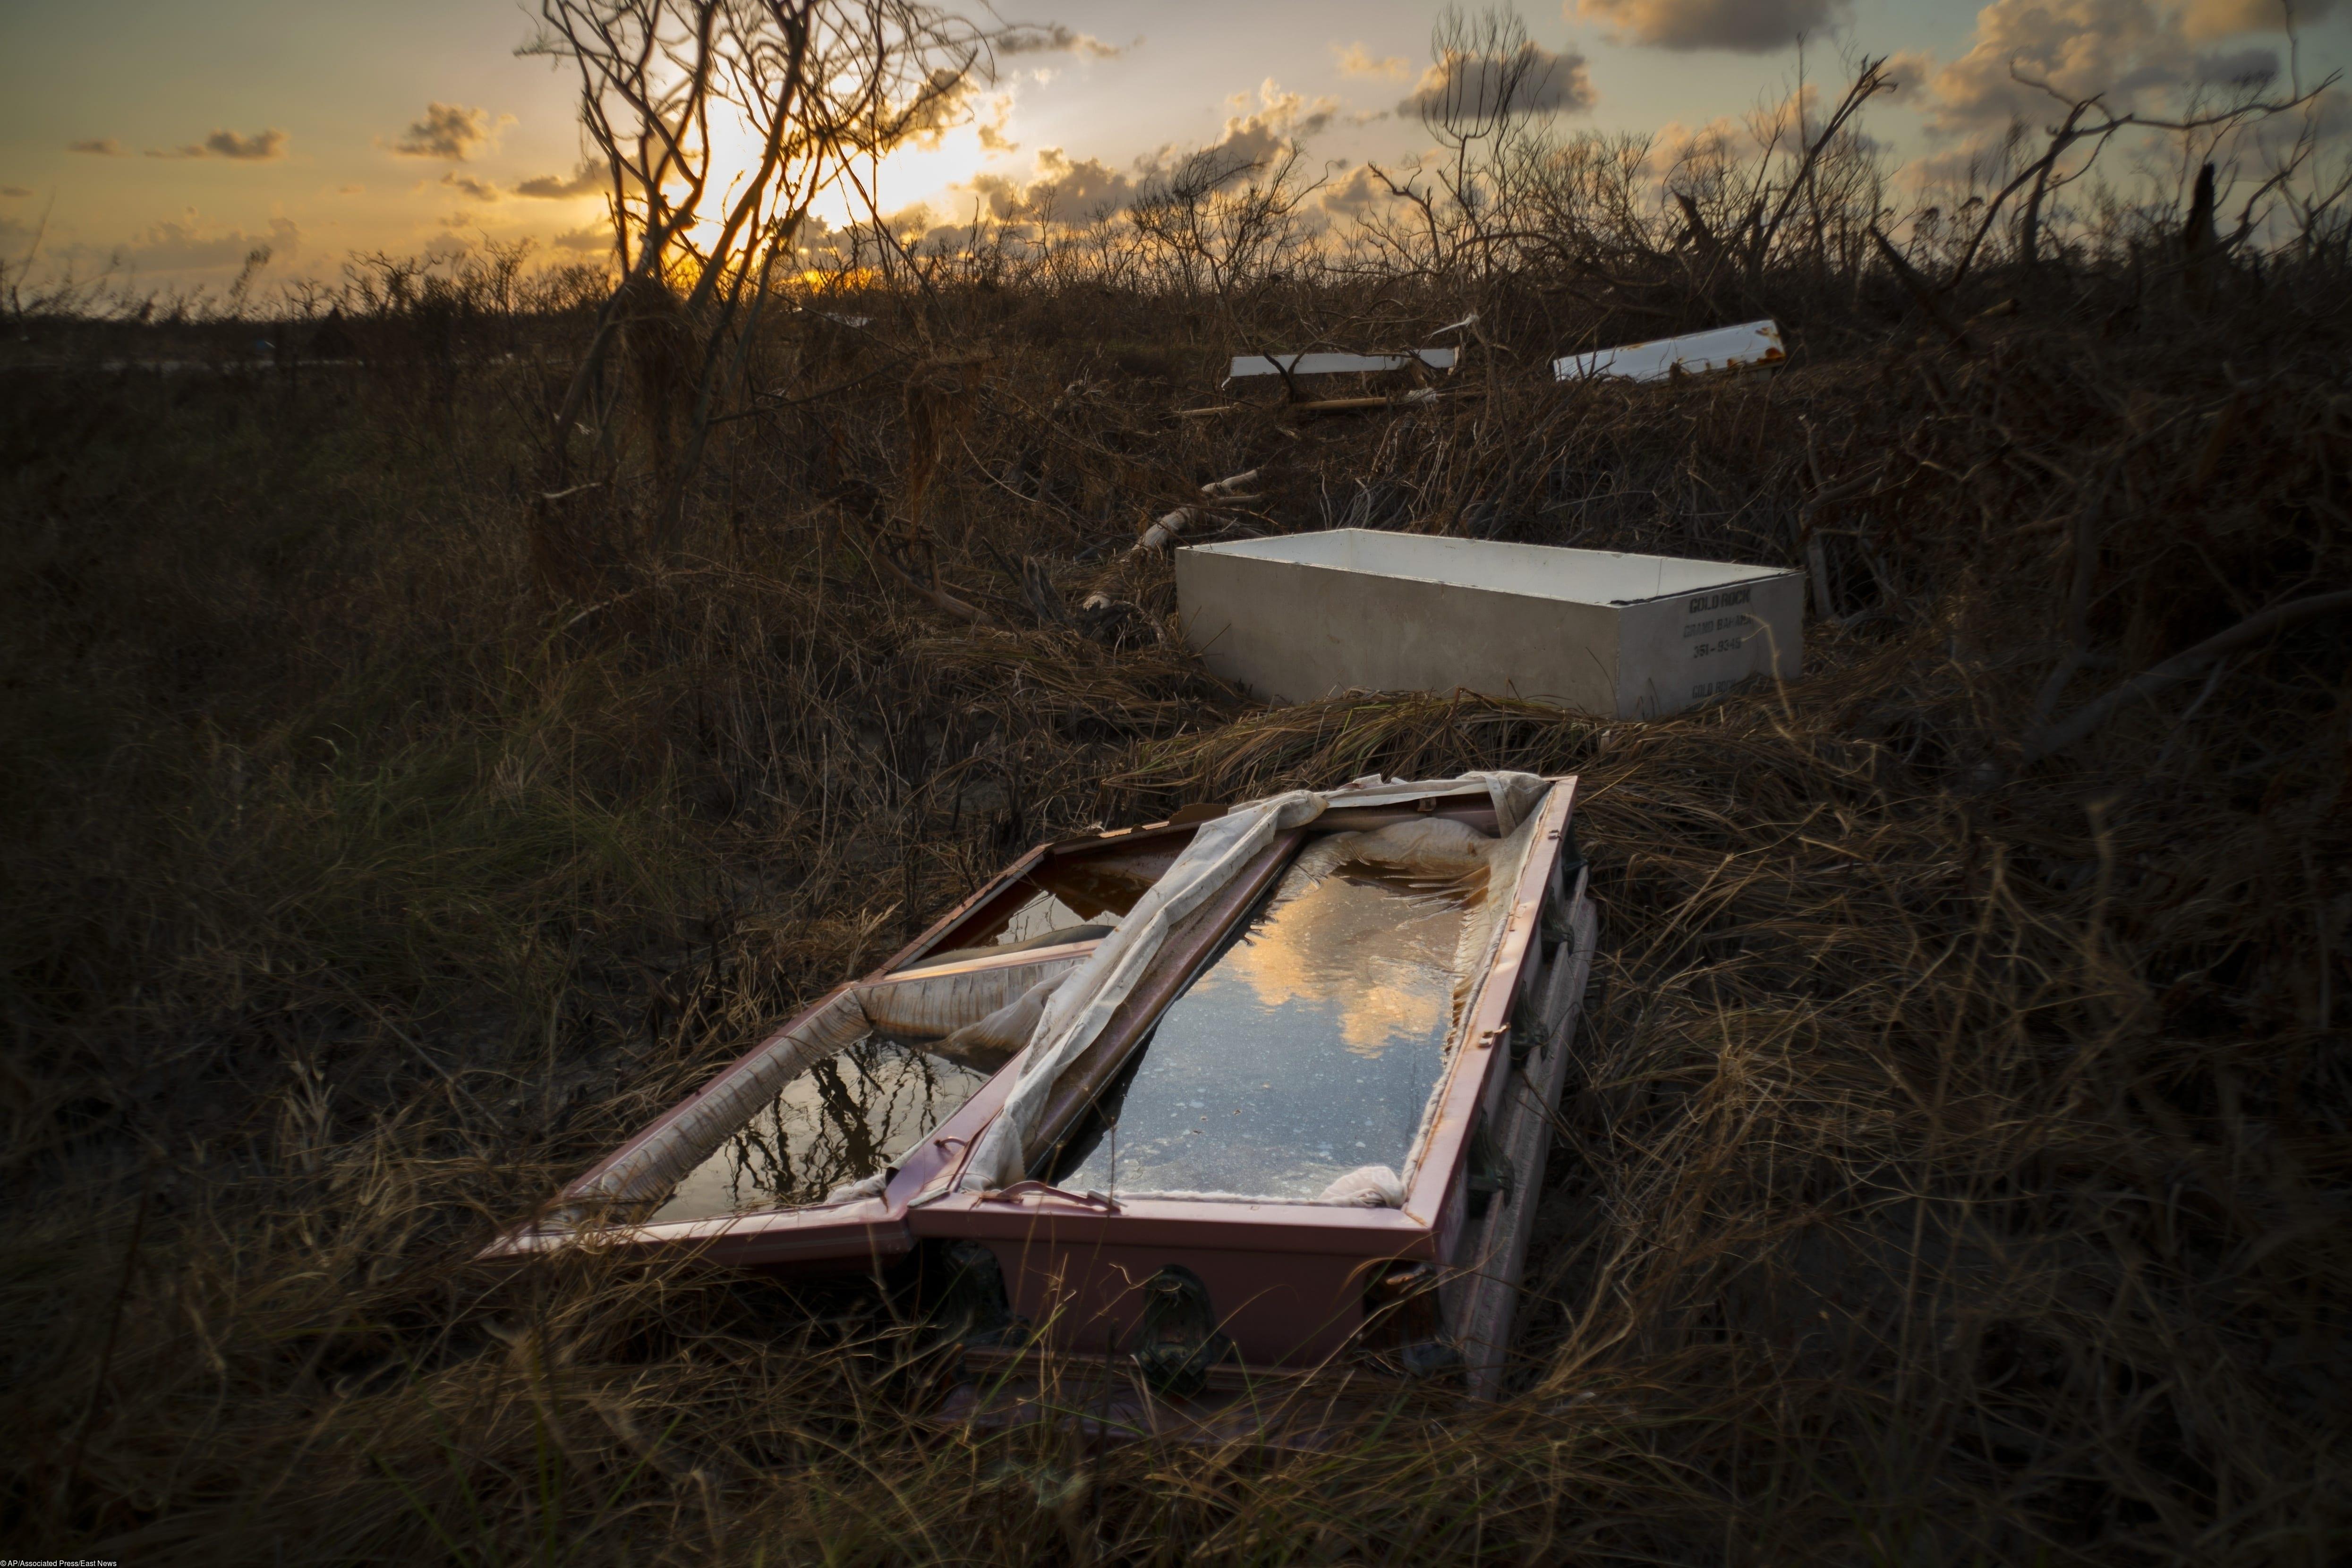 Разбитый, заполненный водой гроб лежит наповерхности после урагана «Дориан» накладбище вгороде Маклин, Гранд-Багама, Багамские острова.